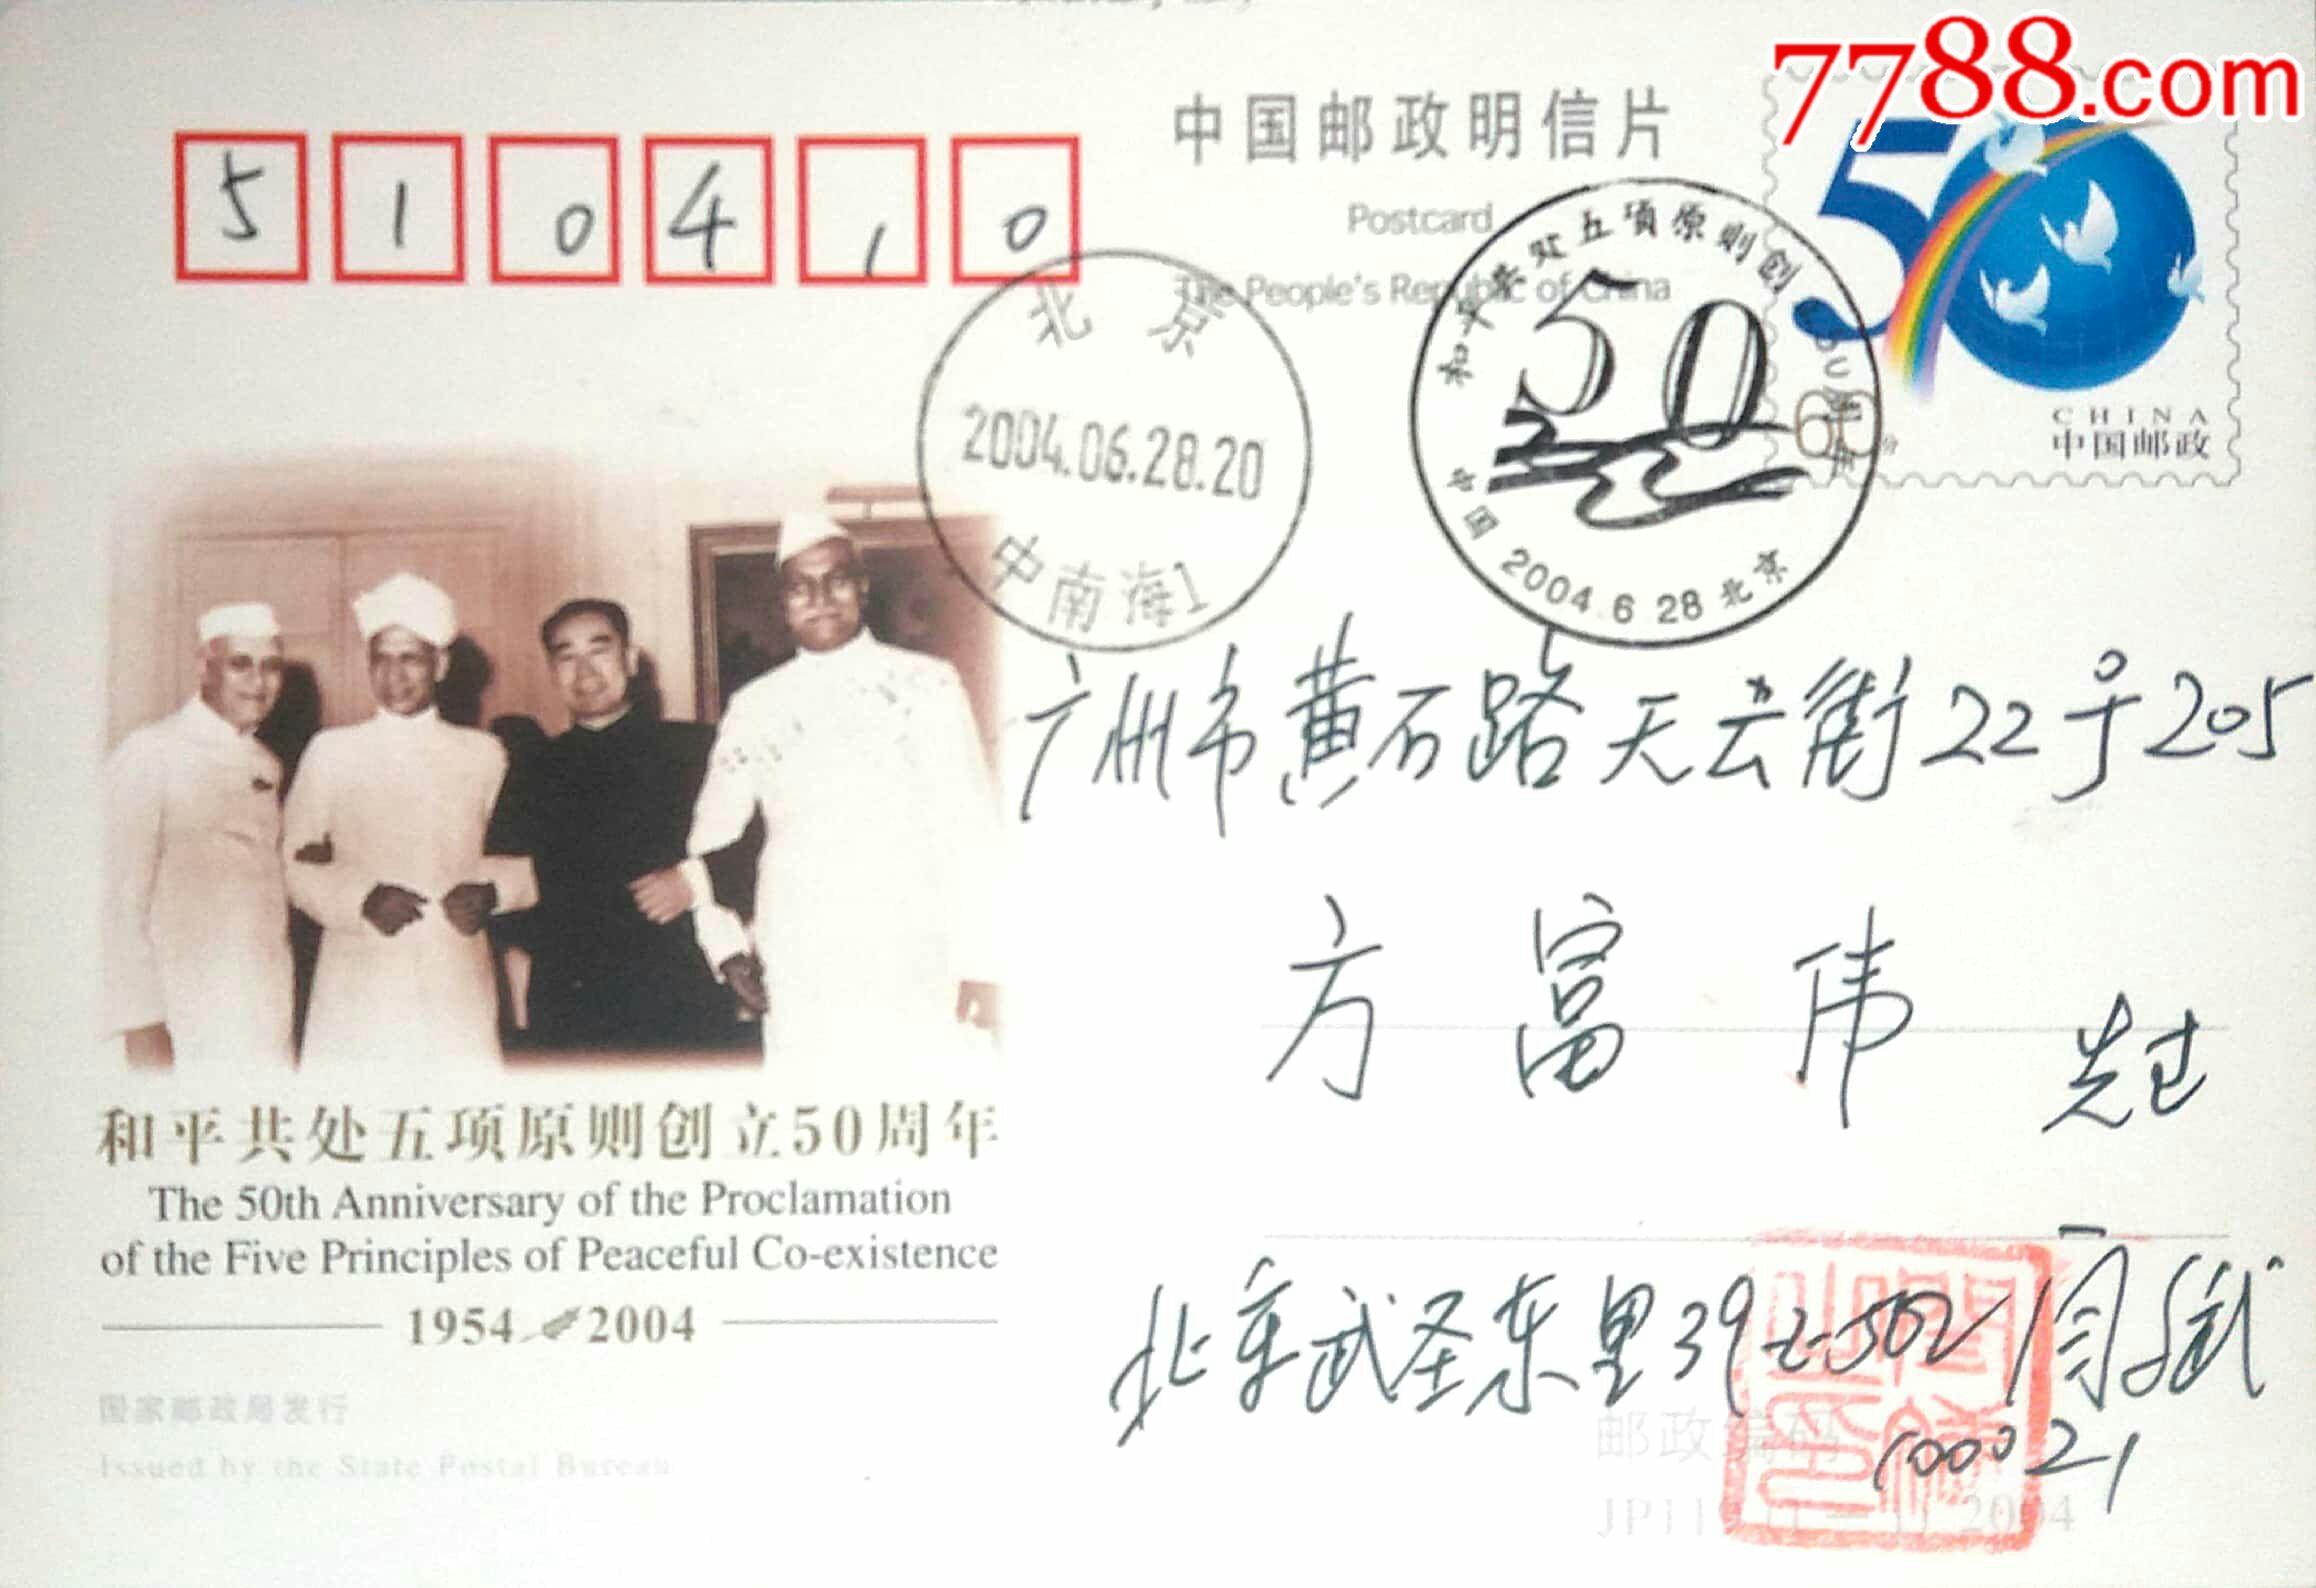 【1元起拍】JP119《和平共�五�原�t��立50周年》中南海原地首日��寄(au21400762)_